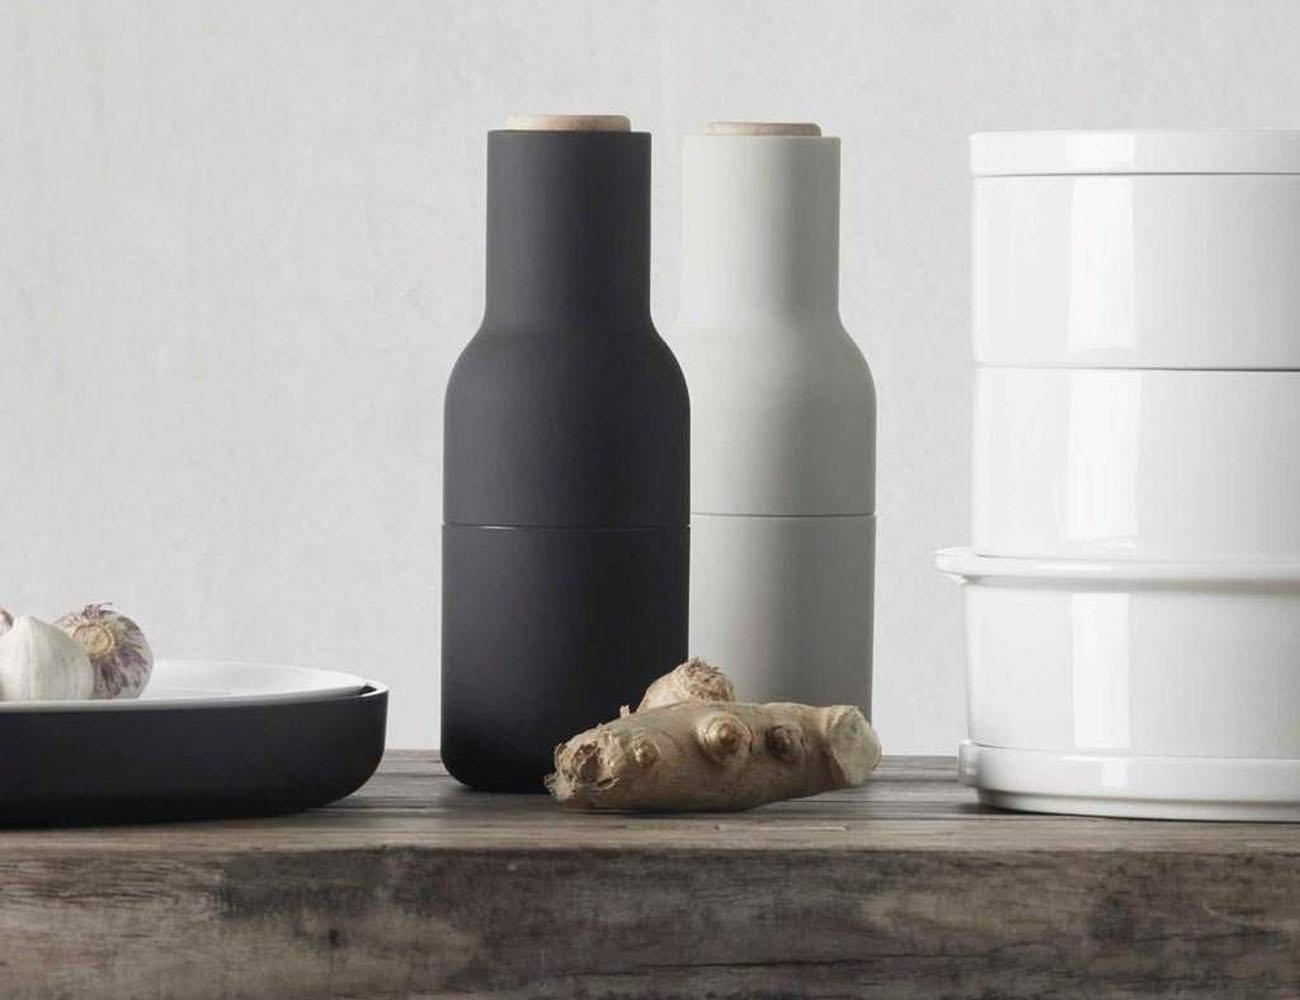 Salt & Pepper Bottle Grinder by Norm Architects